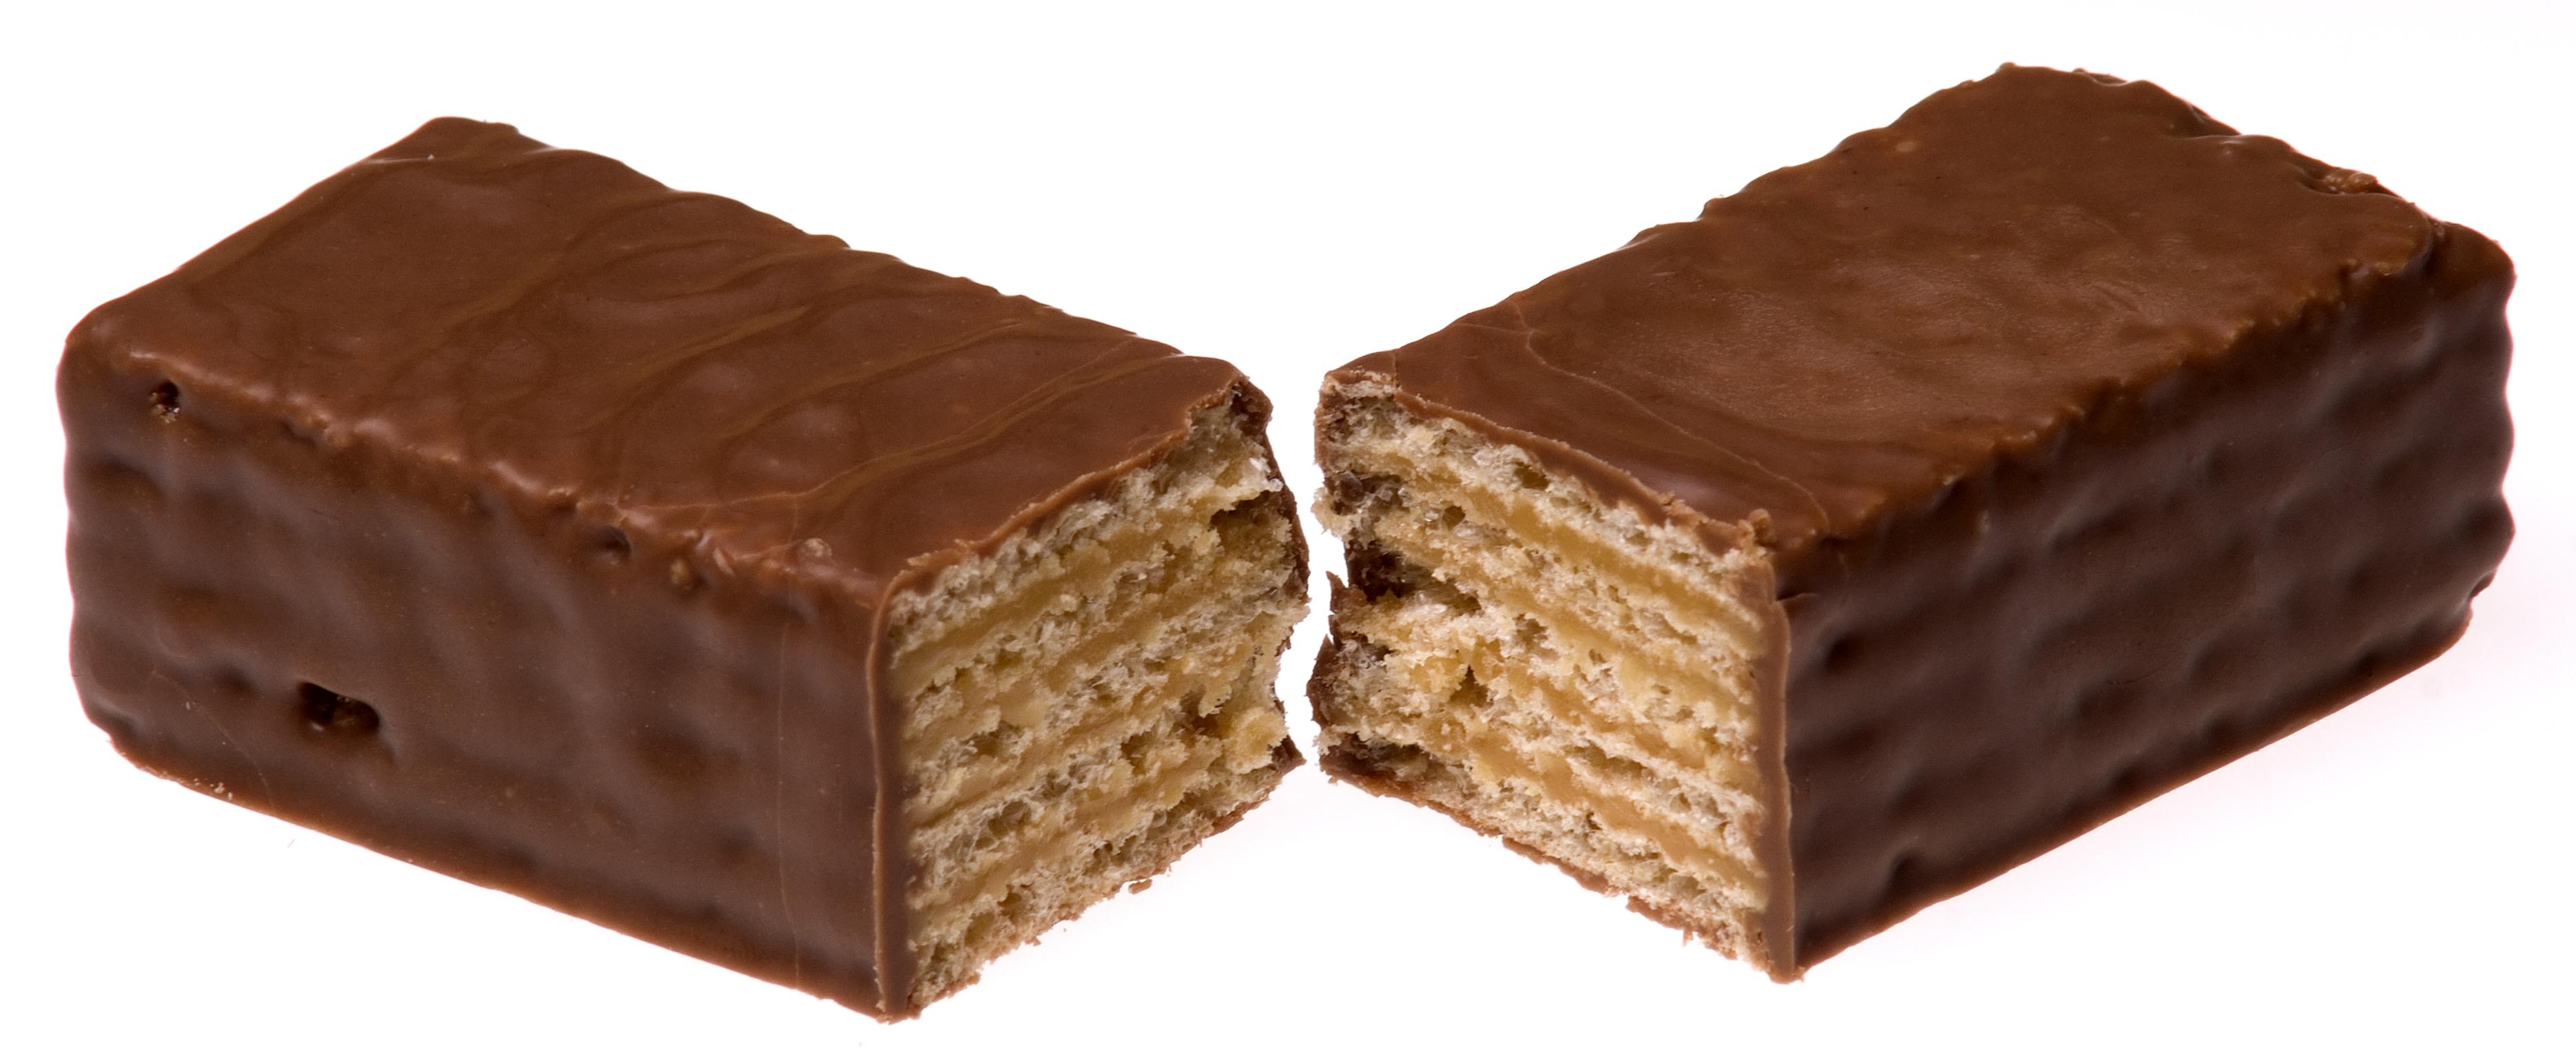 Caramel Wafer Bars File:tunnocks-caramel-wafer